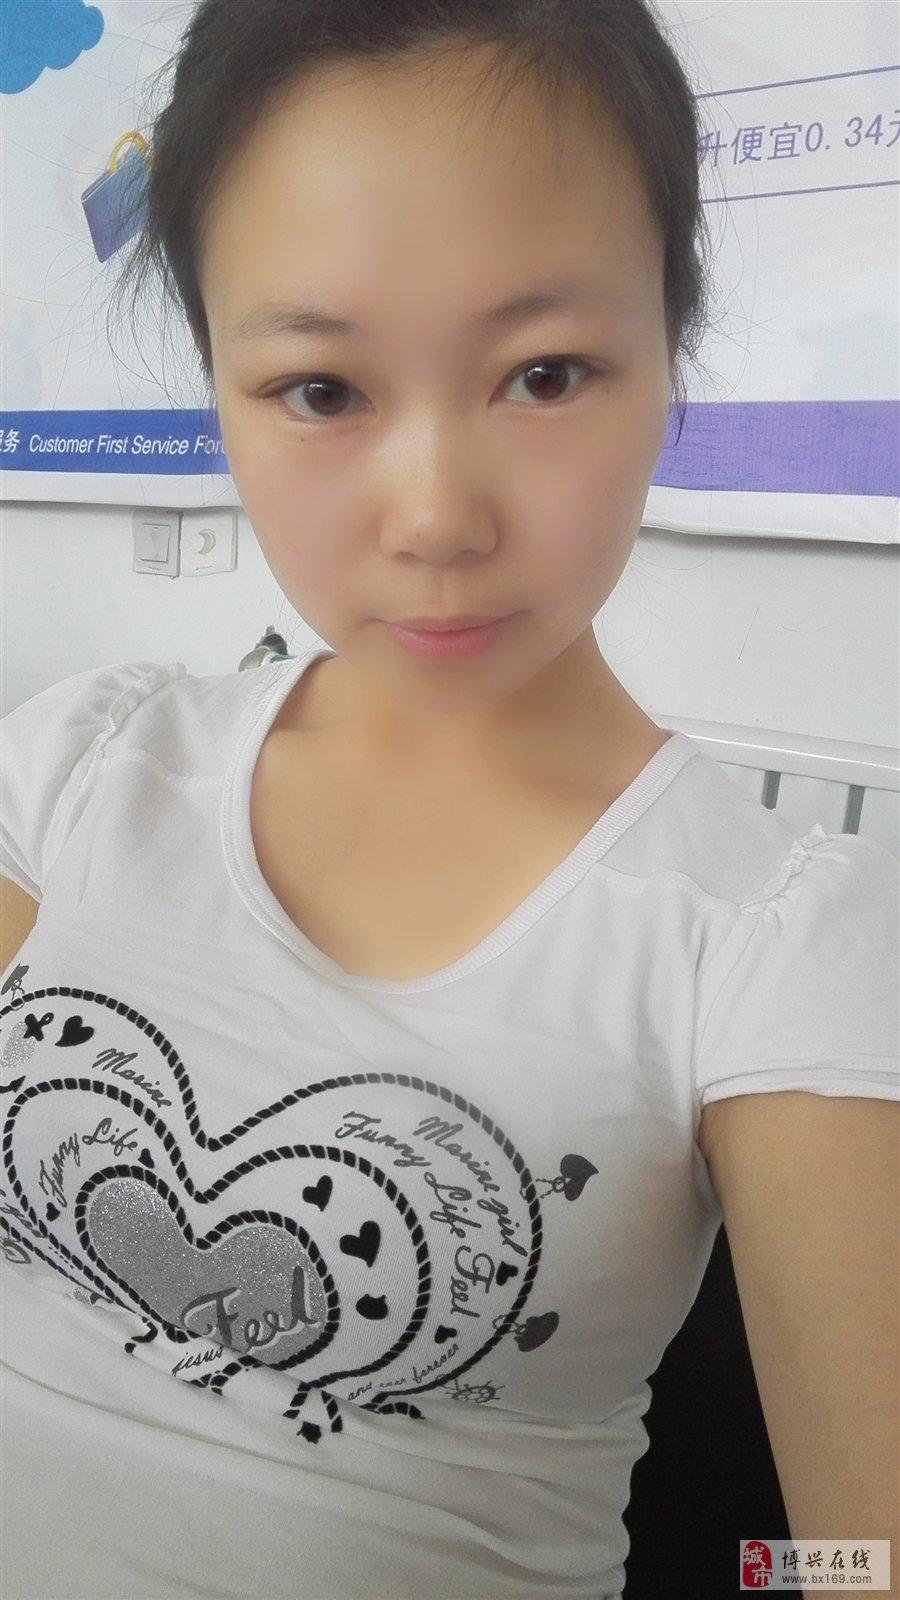 【个体秀场】王响28岁天蝎座美女最肌美女霸_美女秀_博图片